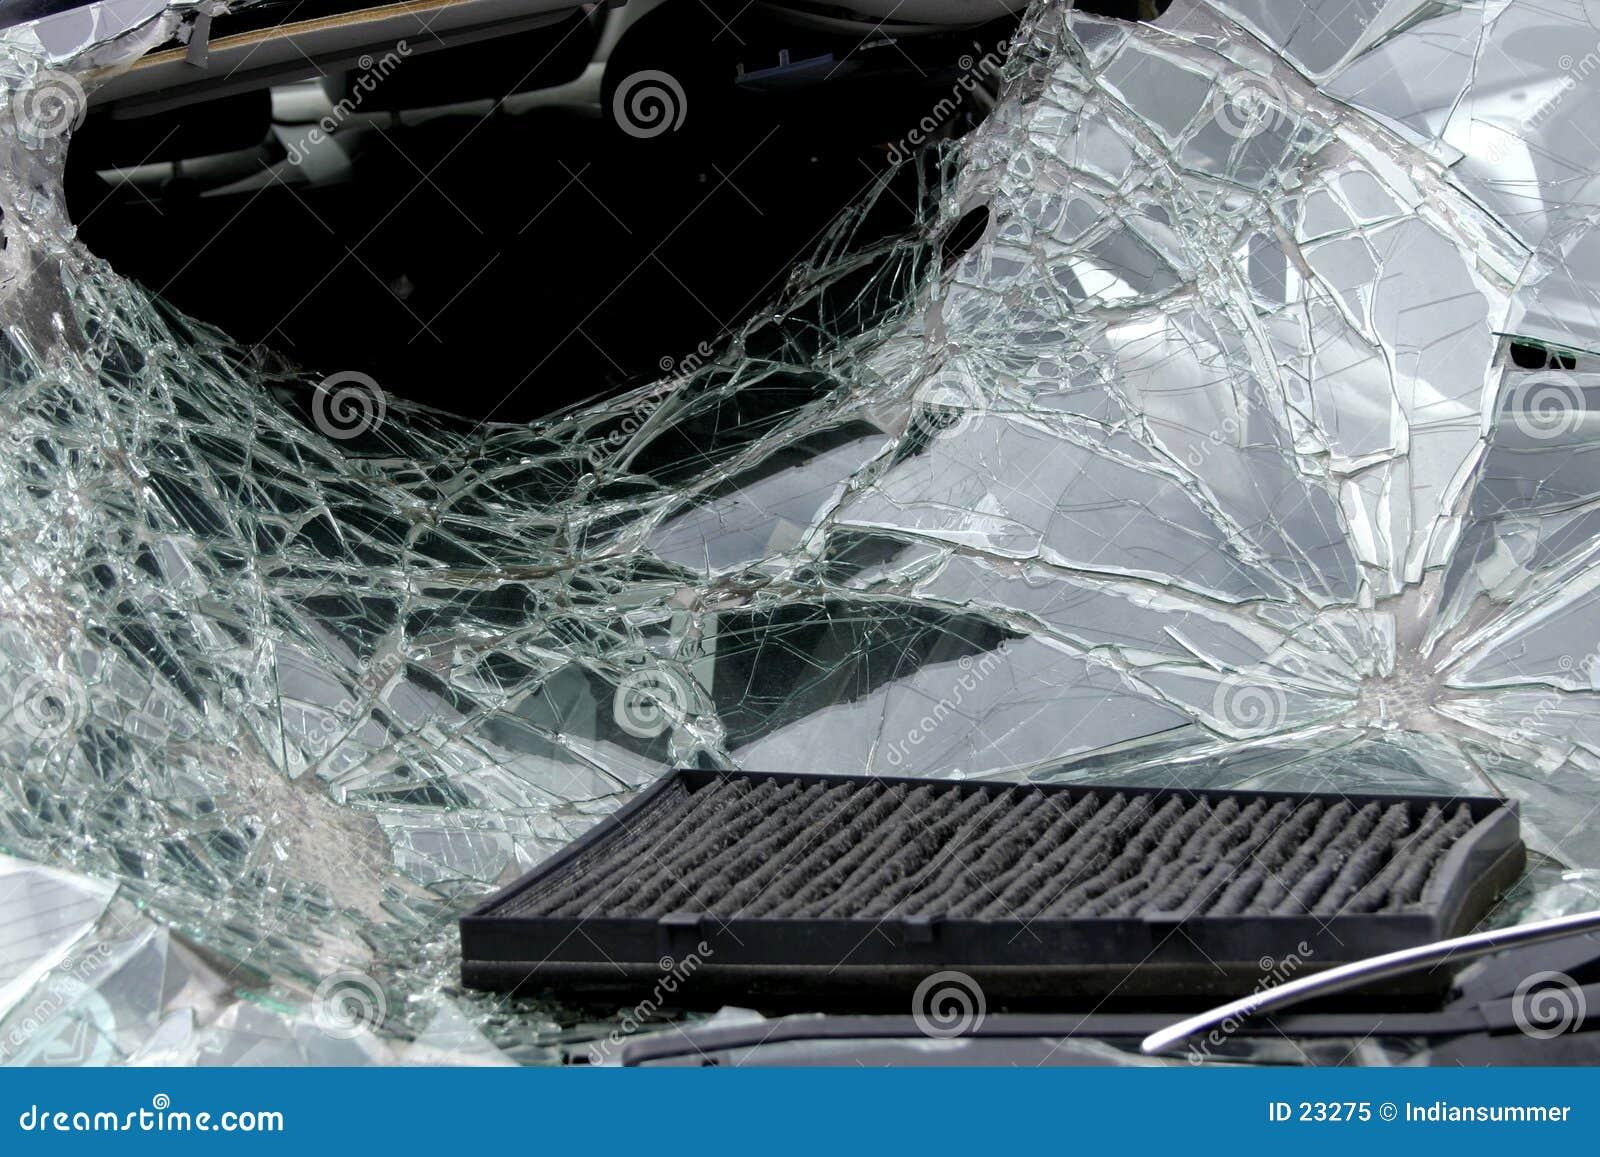 Iv аварии